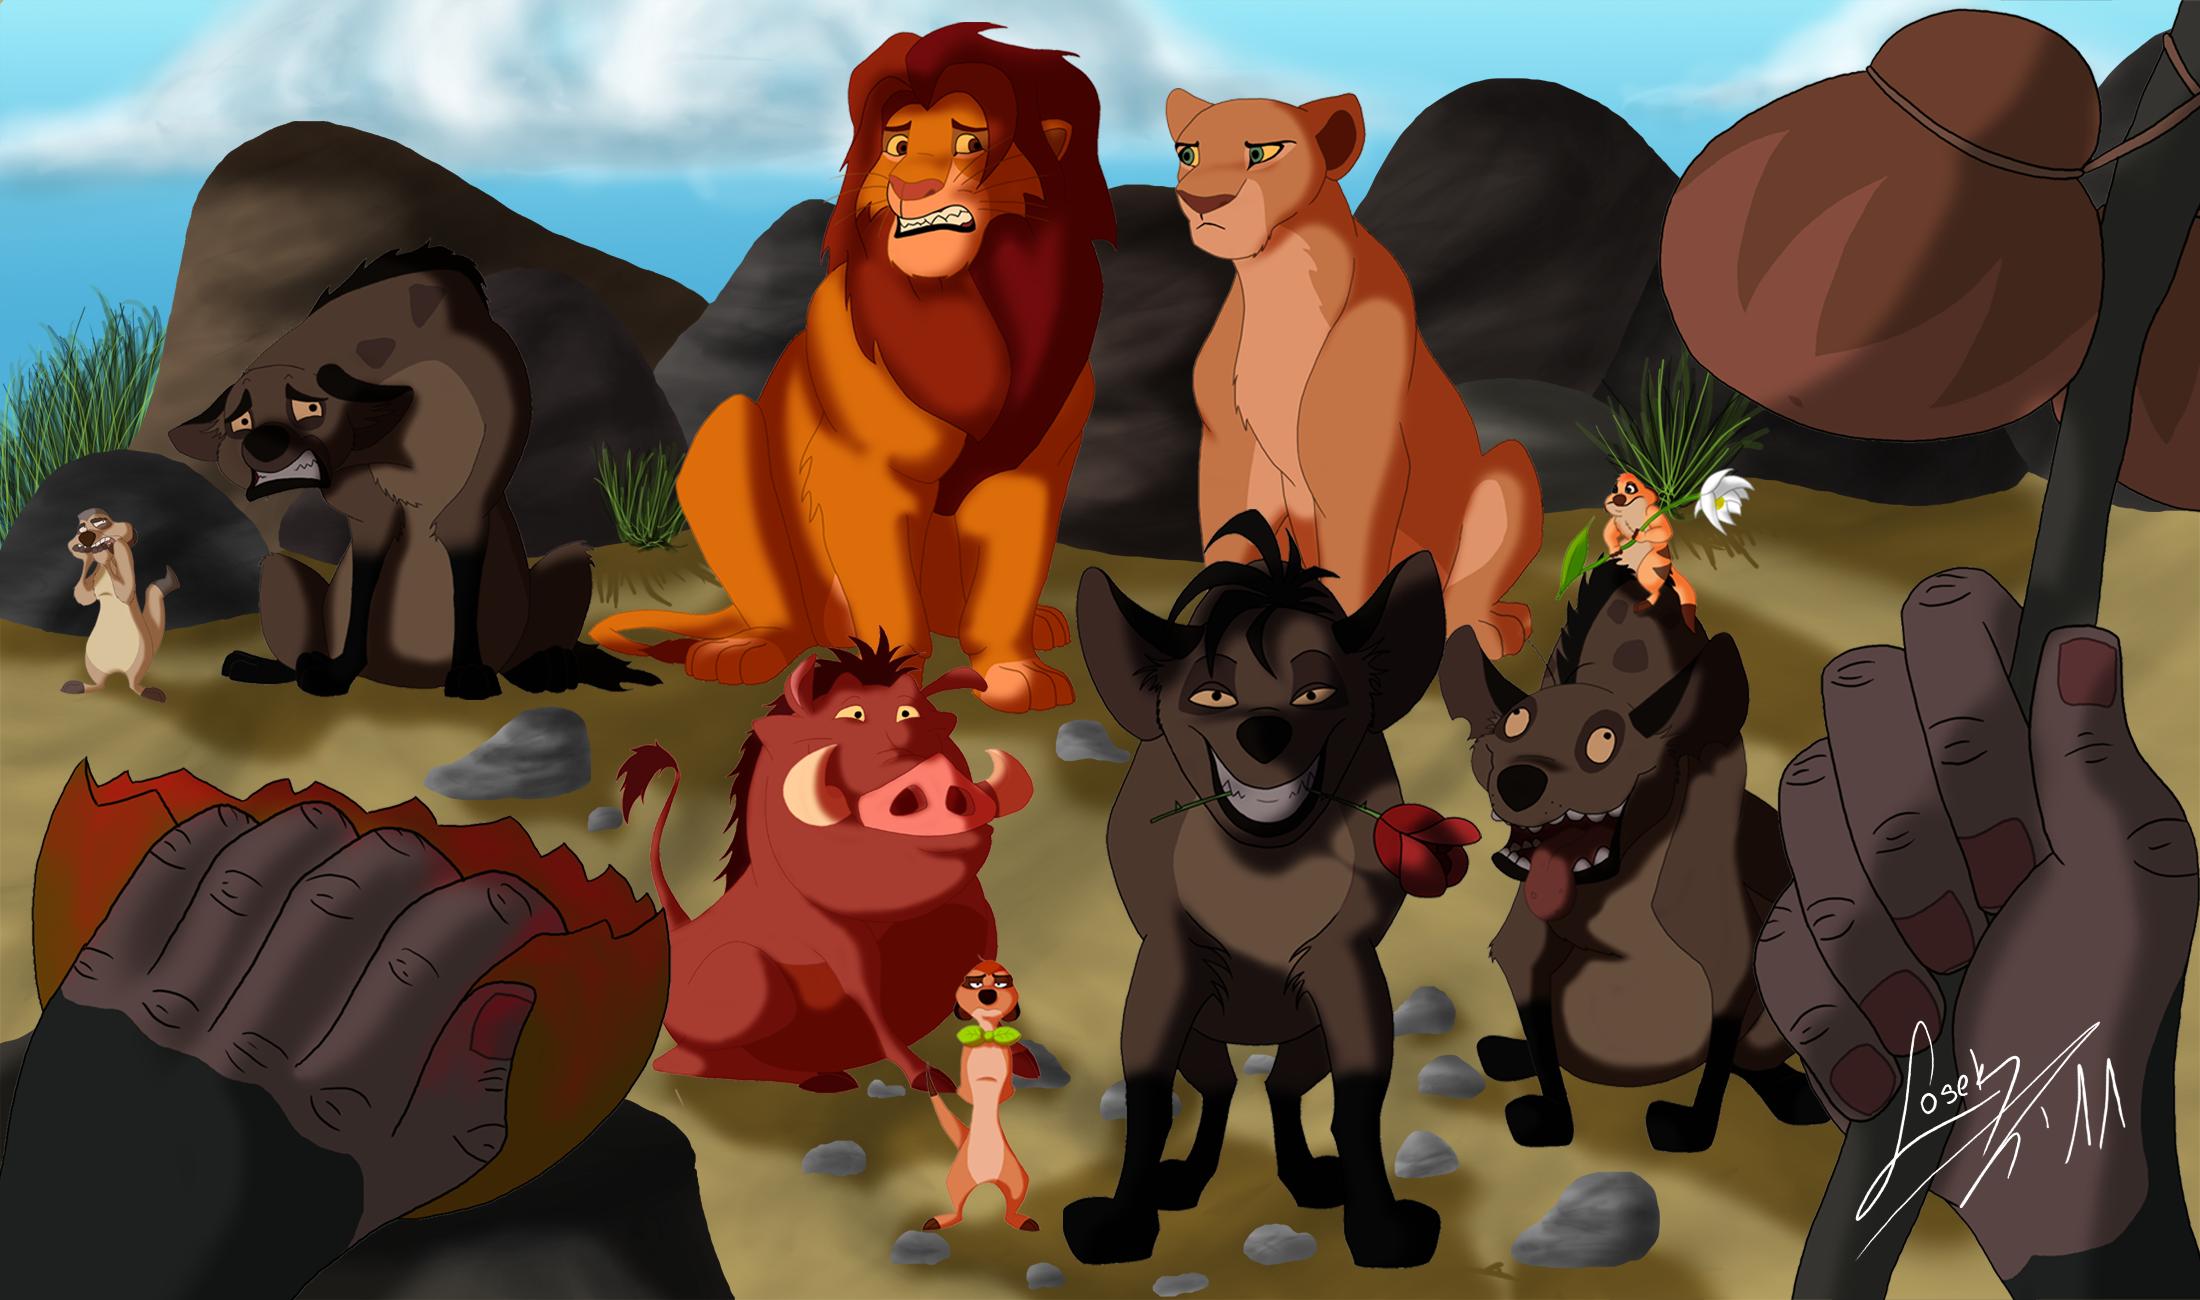 Смотреть картинки король лев приколы